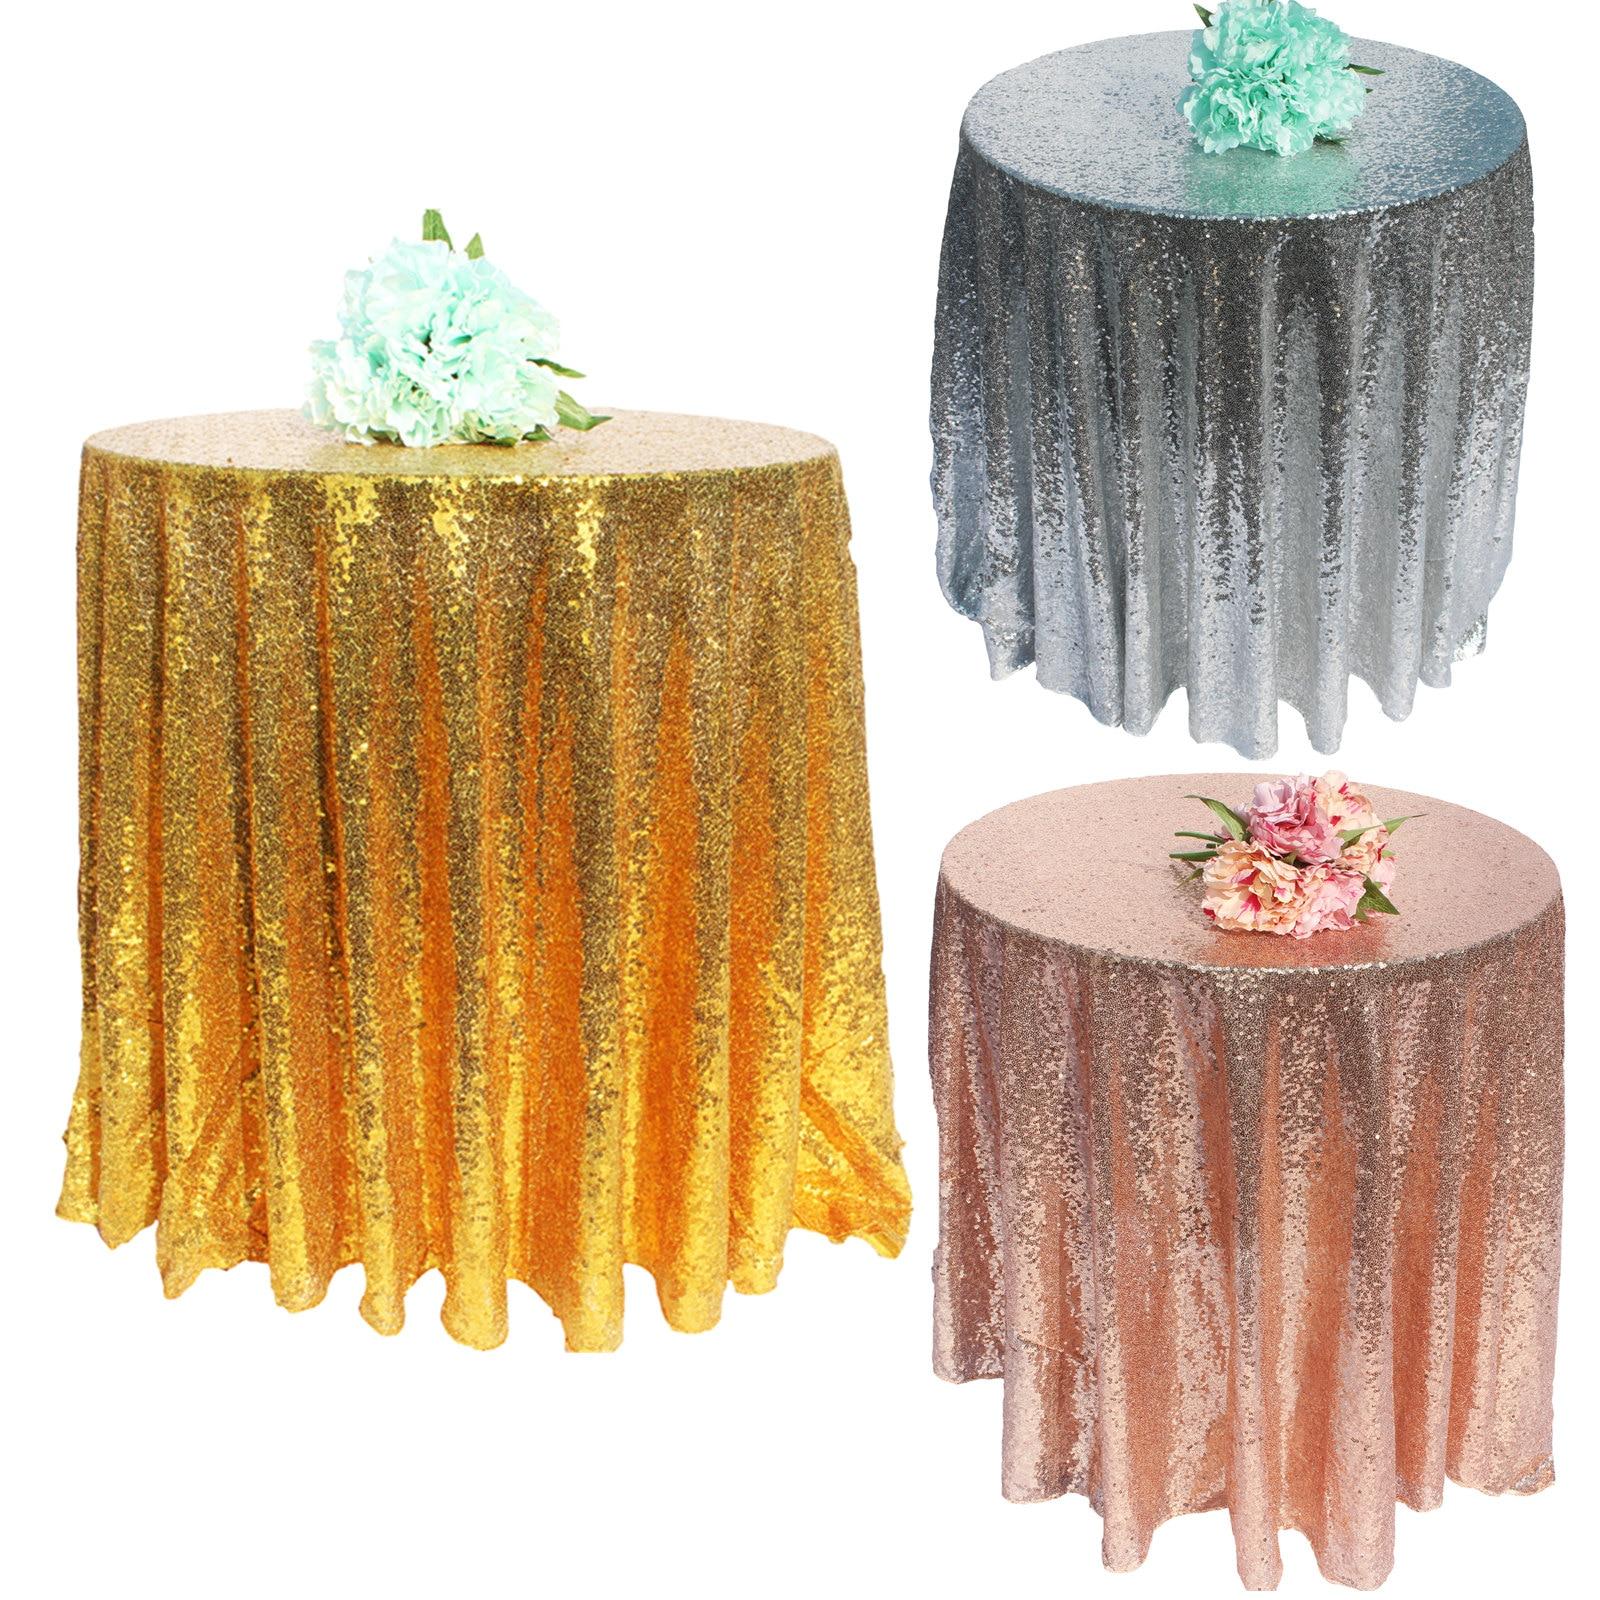 1 шт./лот скатерть с блестками, блестящая круглая и прямоугольная скатерть для свадебного украшения, вечерние, банкетные, домашний декор, поддержка на заказ